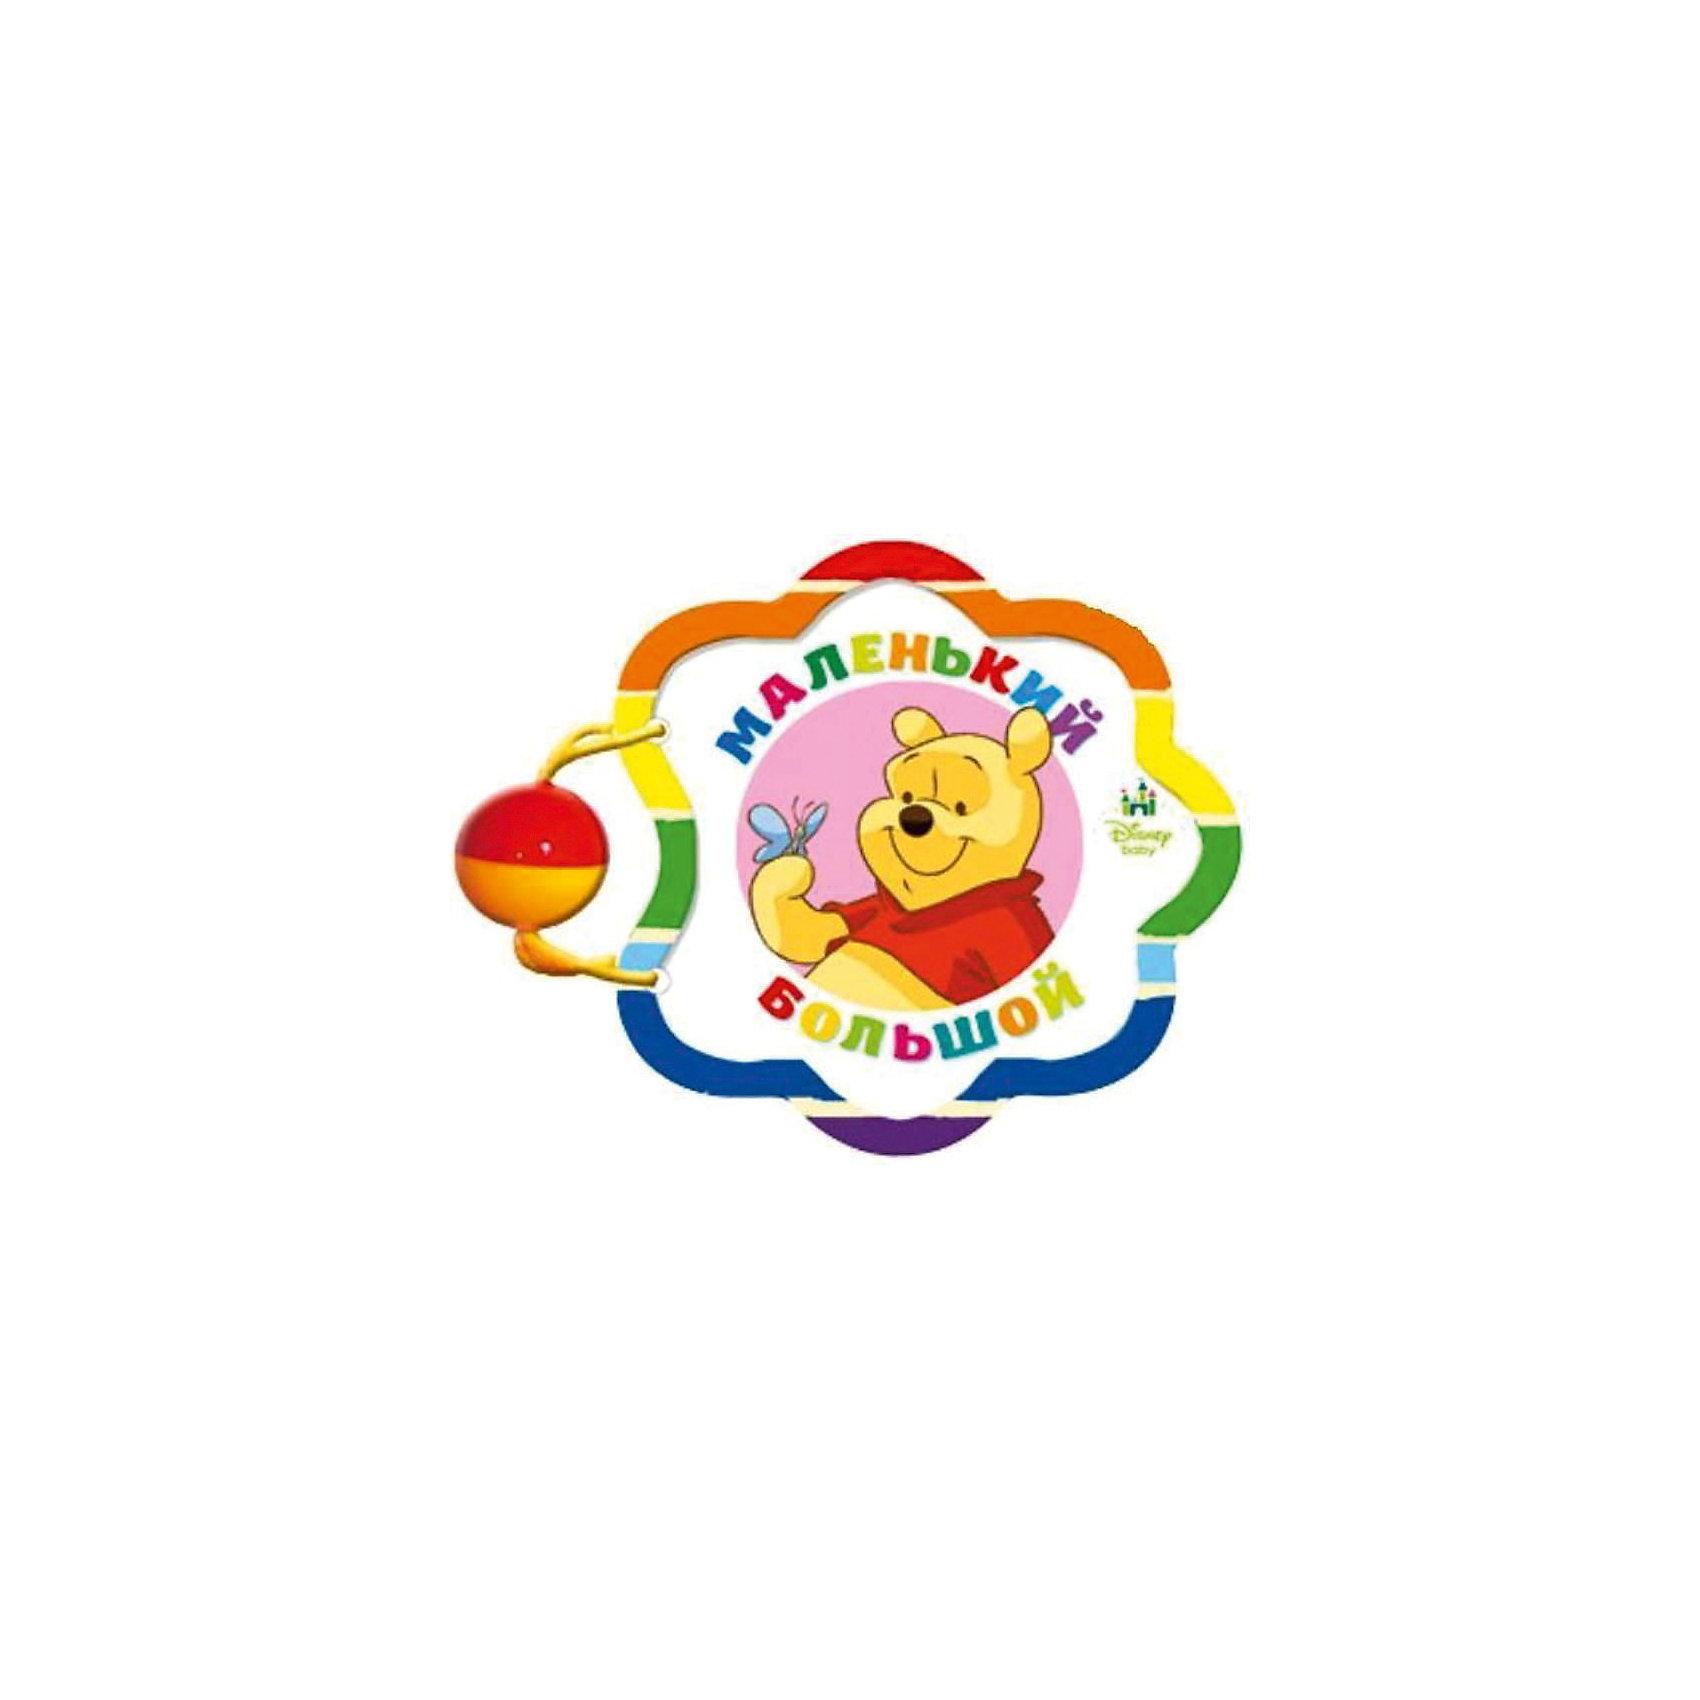 Книжка-погремушка Маленький-большой, Винни ПухВ красивой яркой книжке с погремушкой самых маленьких детишек ждет встреча с любимыми героями диснеевского мультика Винни Пух. Это прекрасный подарок для каждого малыша! <br>Книга подскажет малышу как отличить большое от маленького, тихое от шумного и другие противоположности.<br><br>Дополнительная информация:<br><br>- Страниц: 10<br>- Материал: картон<br>- Формат: 120х120 мм<br>- Вырубка на шнурке с погремушкой.<br>- Вес: 80 г<br><br>Книжку-погремушку  Маленький-большой, Винни Пух можно купить в нашем магазине.<br><br>Ширина мм: 140<br>Глубина мм: 35<br>Высота мм: 120<br>Вес г: 80<br>Возраст от месяцев: 0<br>Возраст до месяцев: 12<br>Пол: Унисекс<br>Возраст: Детский<br>SKU: 3910667